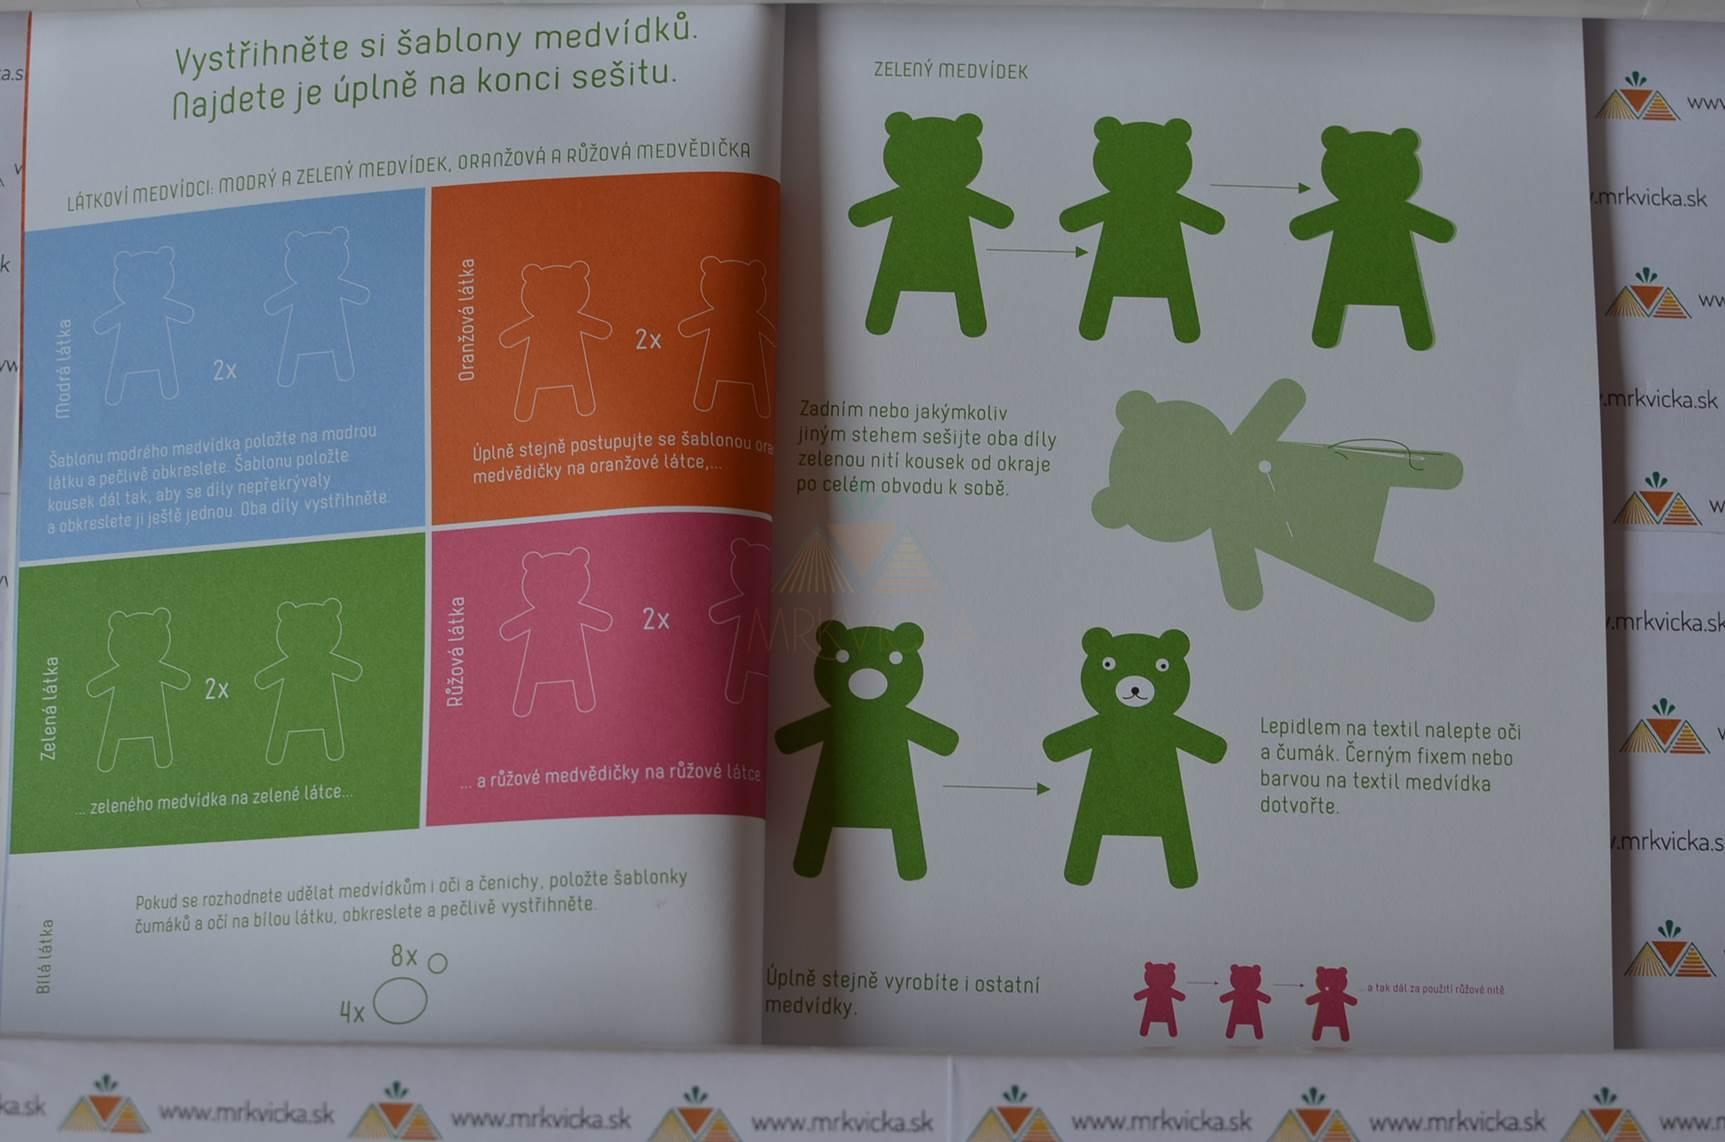 Jak si žijí medvídci: Barvy